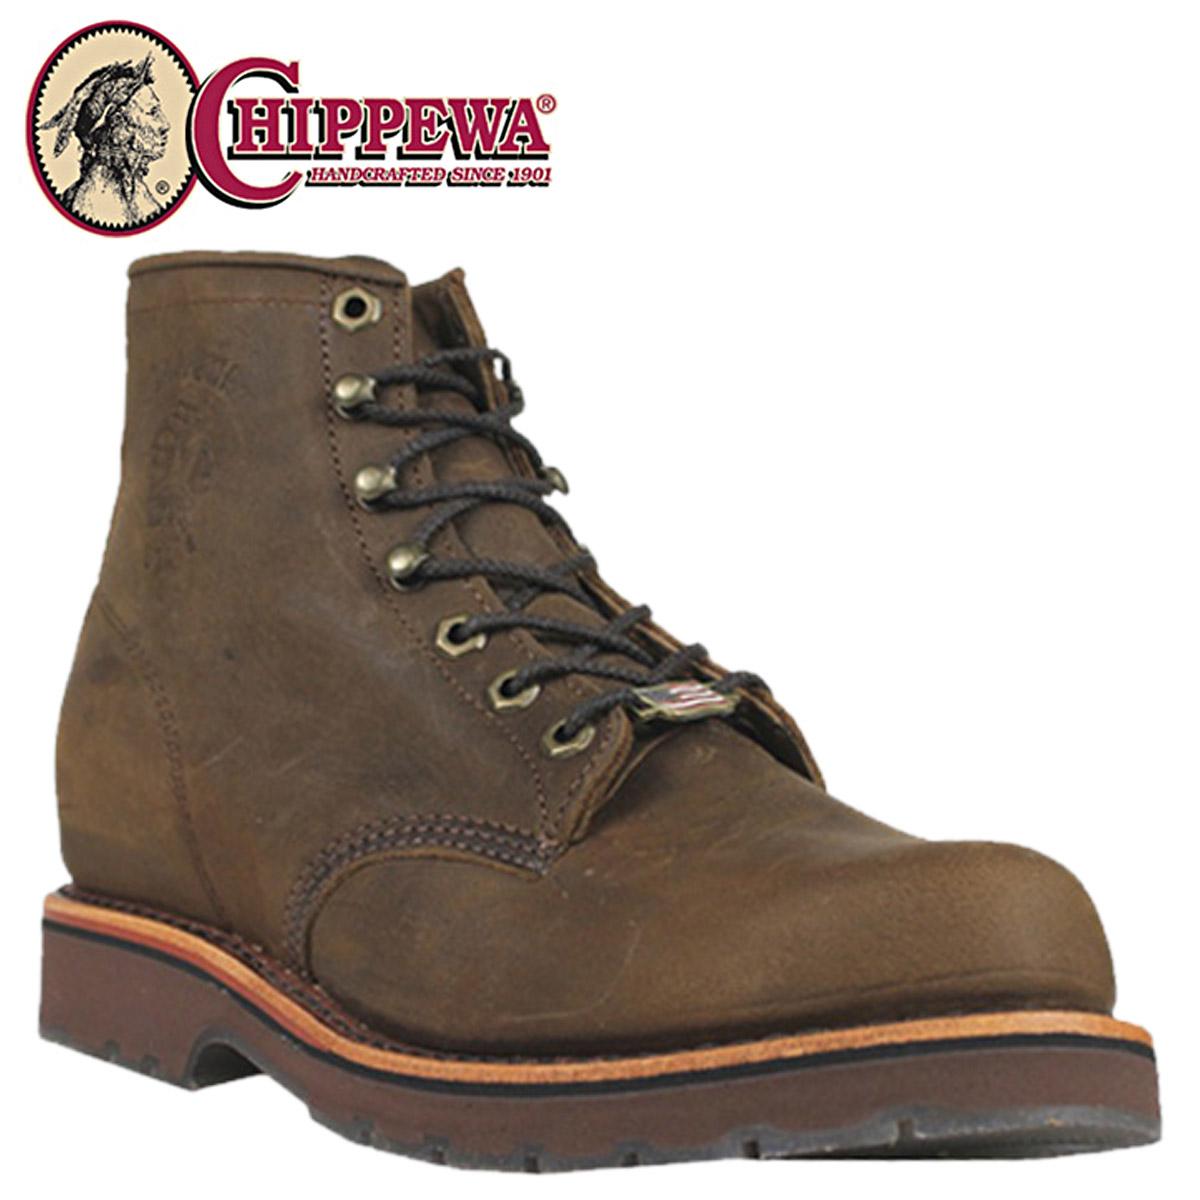 ALLSPORTS | Rakuten Global Market: Chippewa CHIPPEWA 25260 6 inch ...